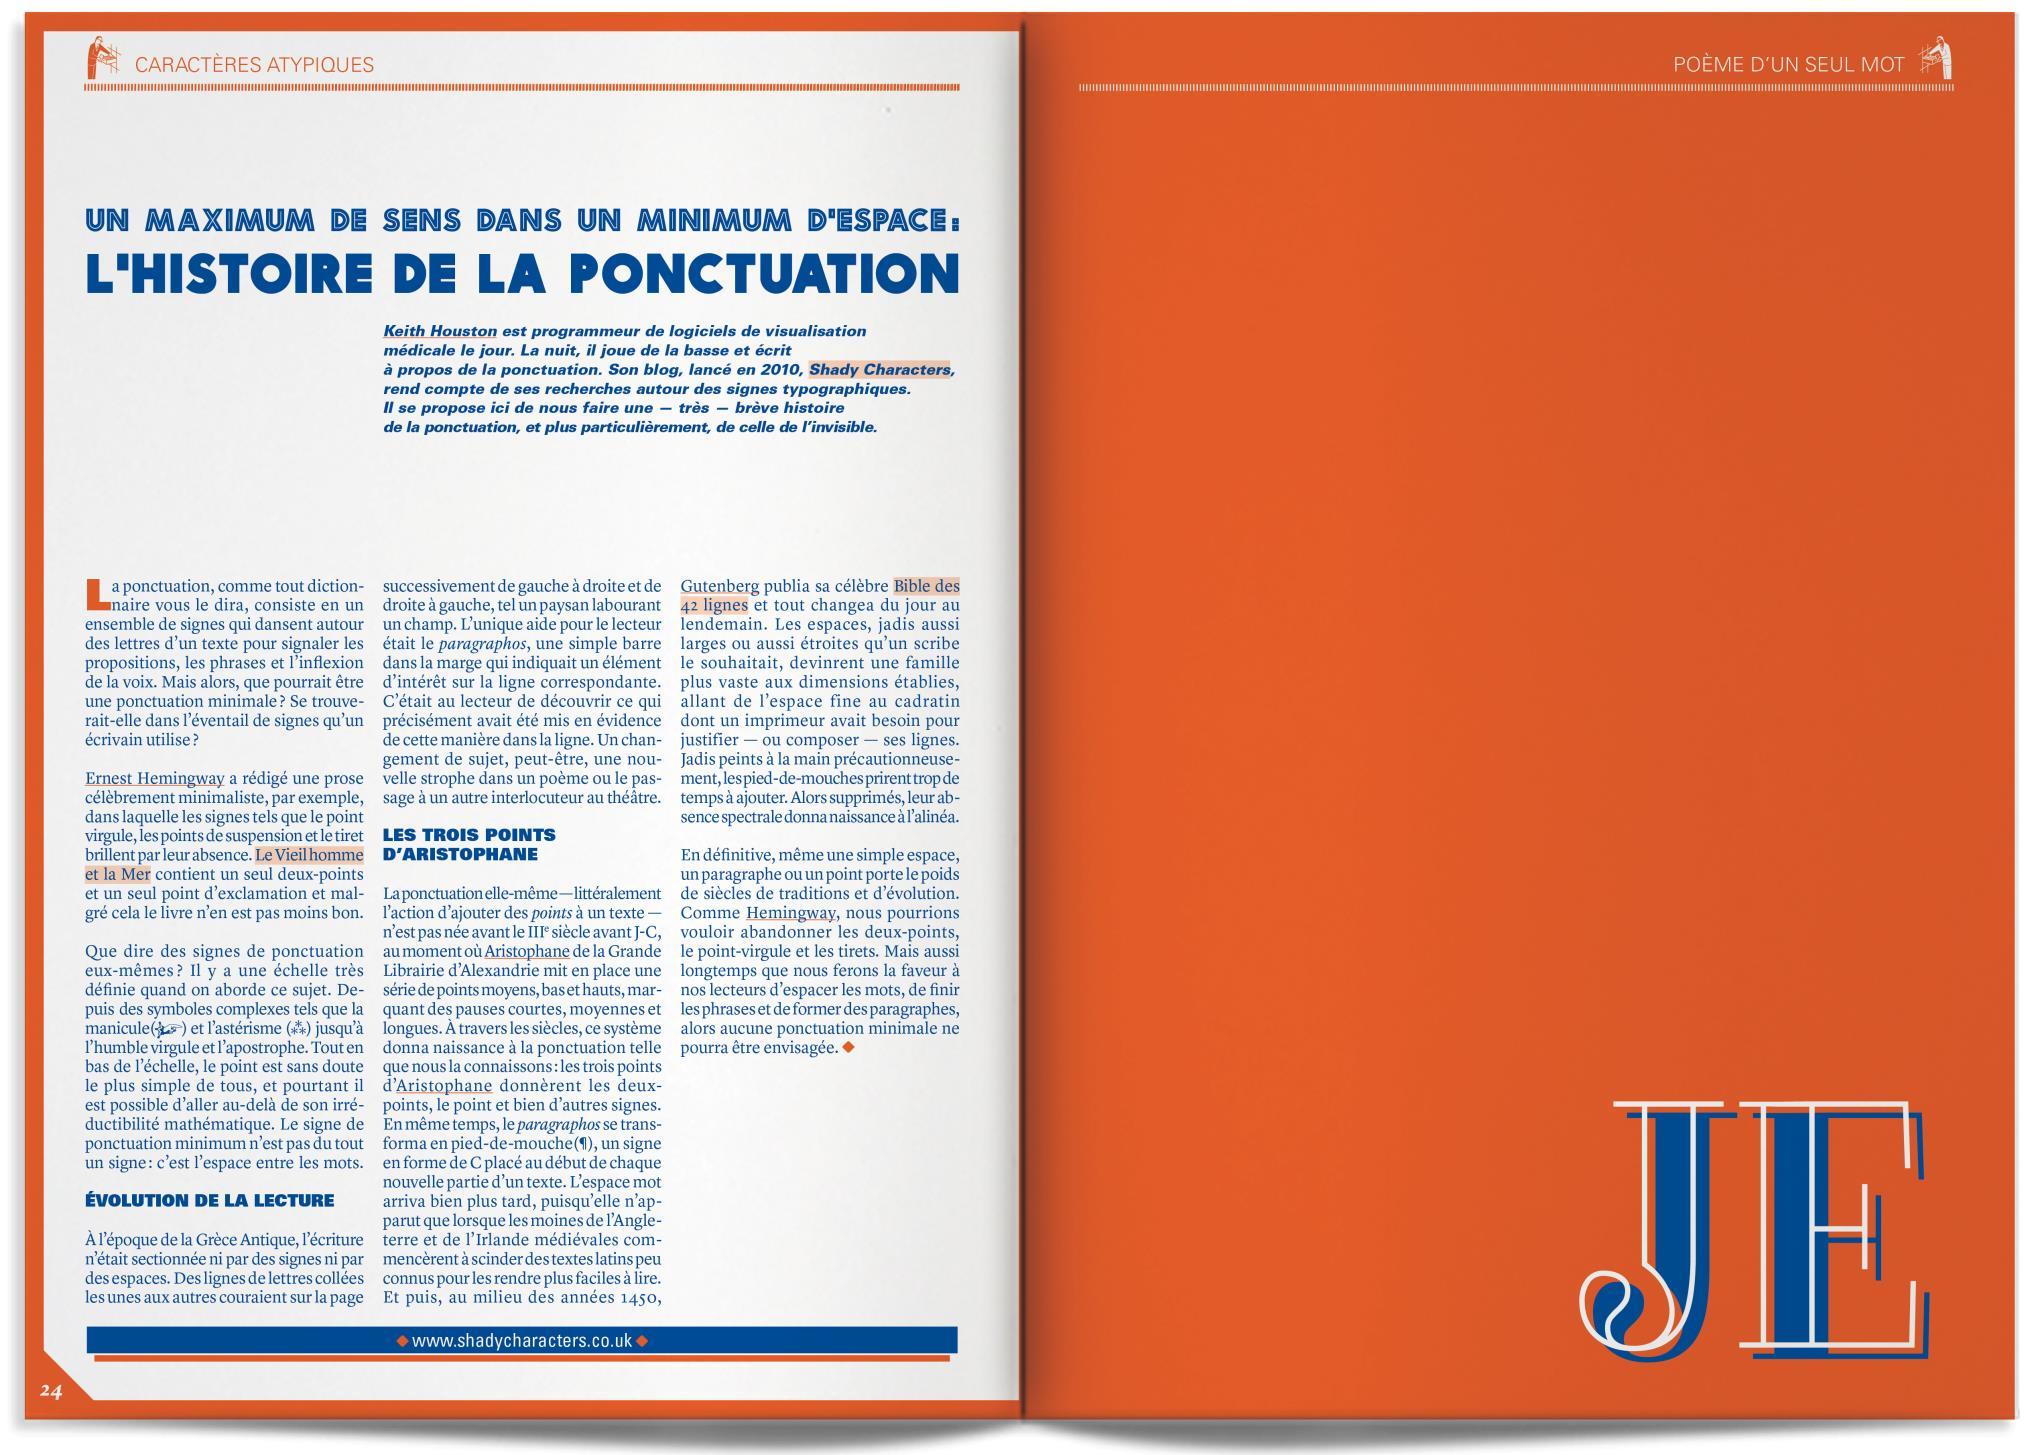 """""""Un maximum de sens dans un minimum d'espace: l'histoire de la ponctuation"""", Hiatus, la revue, issue 1."""